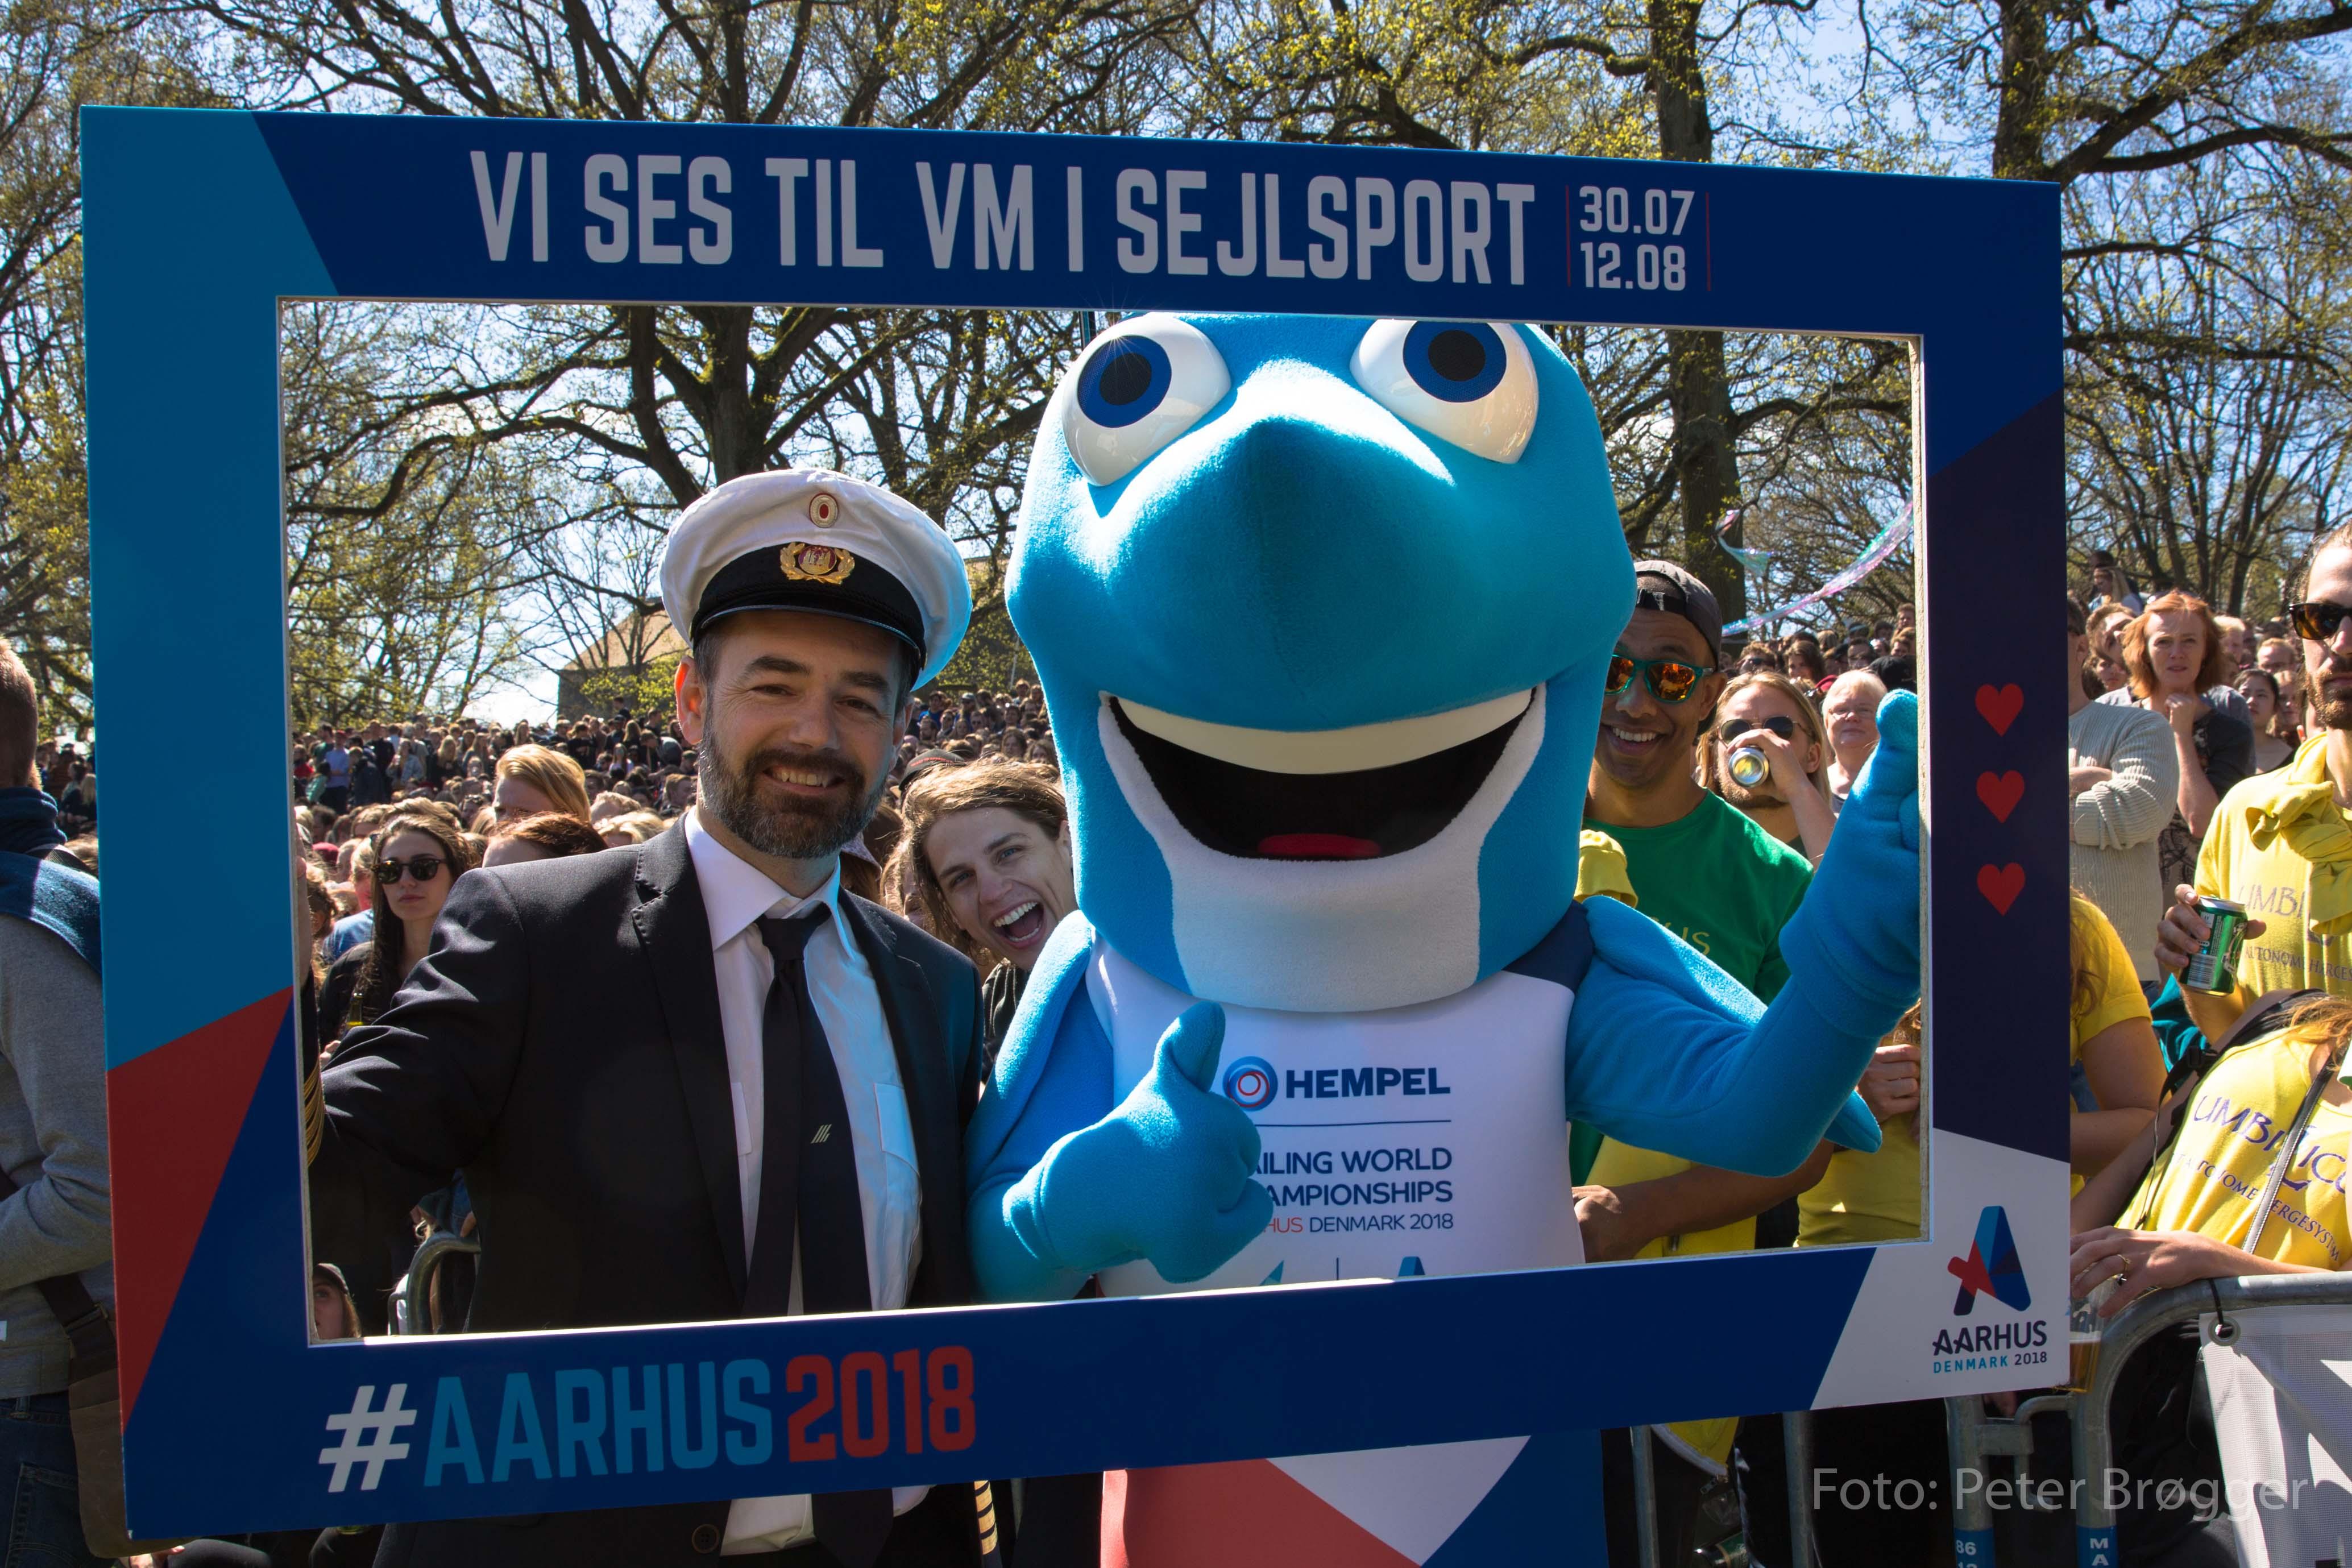 Sejlfiksen, maskot og blikfang ved VM i sejlsport 2018